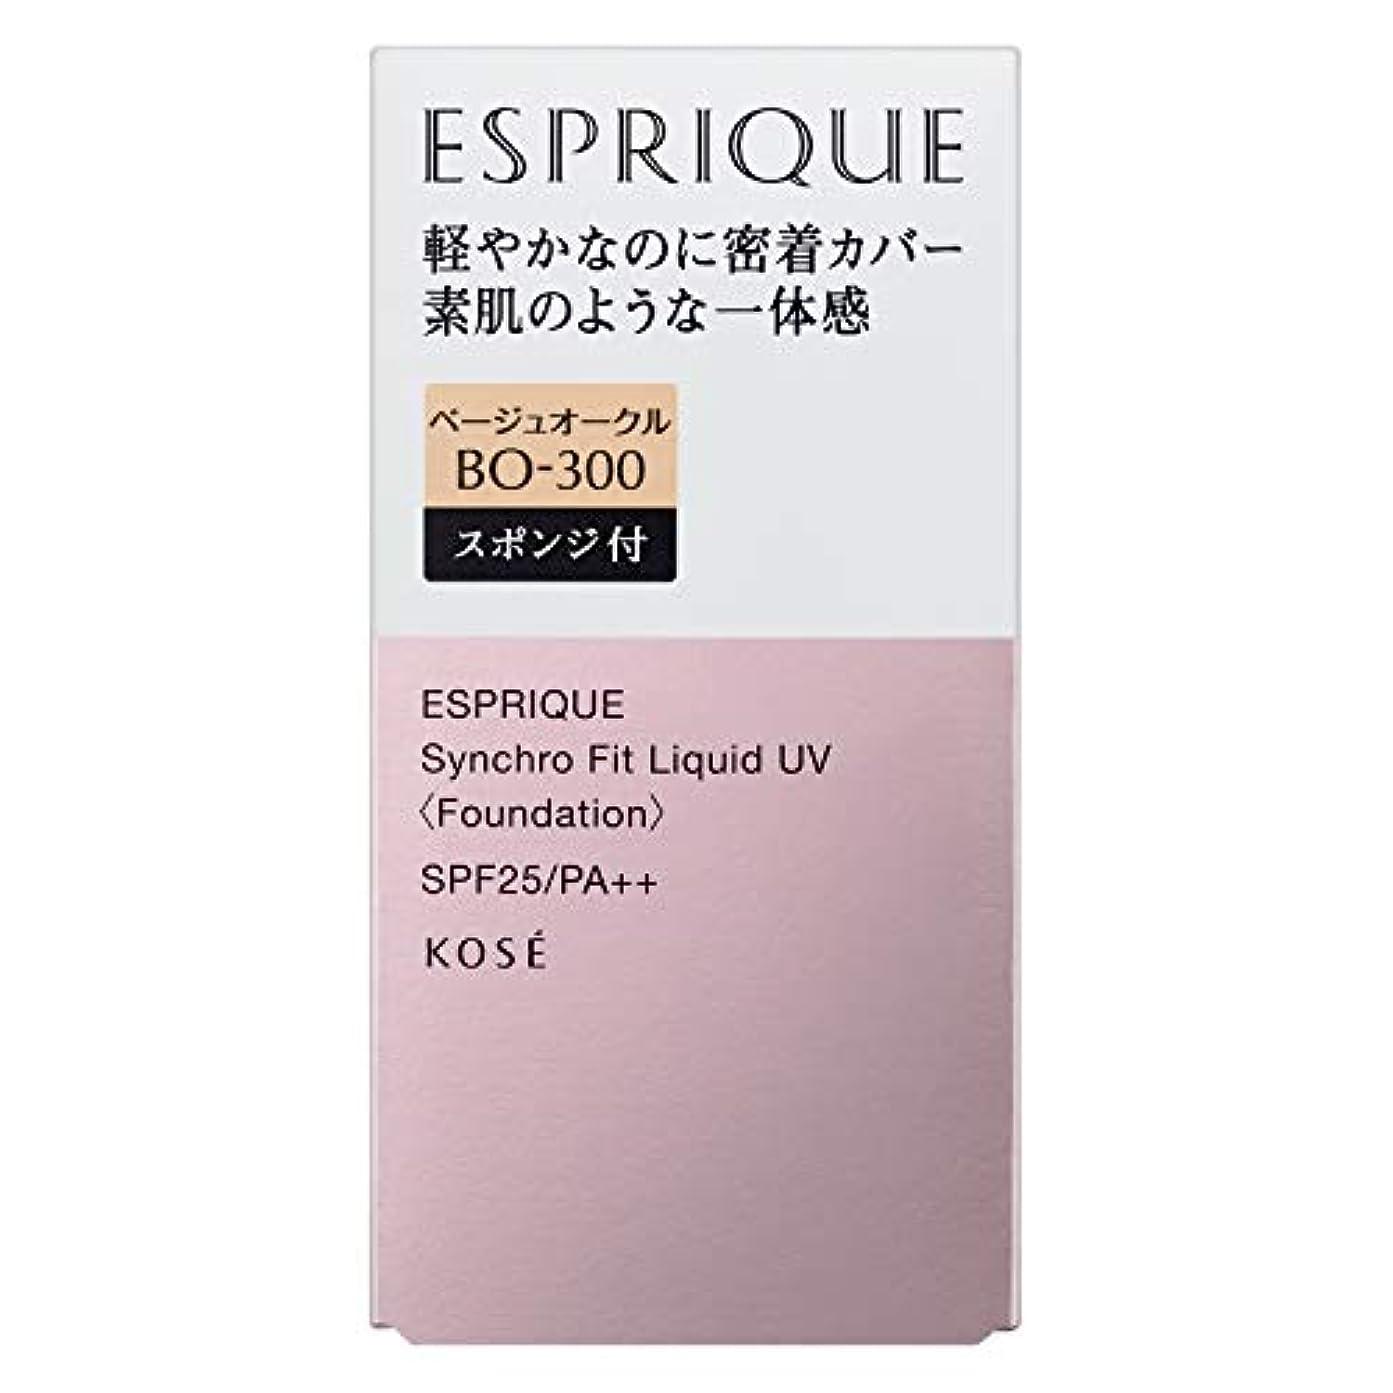 ある柔らかい足肩をすくめるESPRIQUE(エスプリーク) エスプリーク シンクロフィット リキッド UV ファンデーション 無香料 BO-300 ベージュオークル 30g